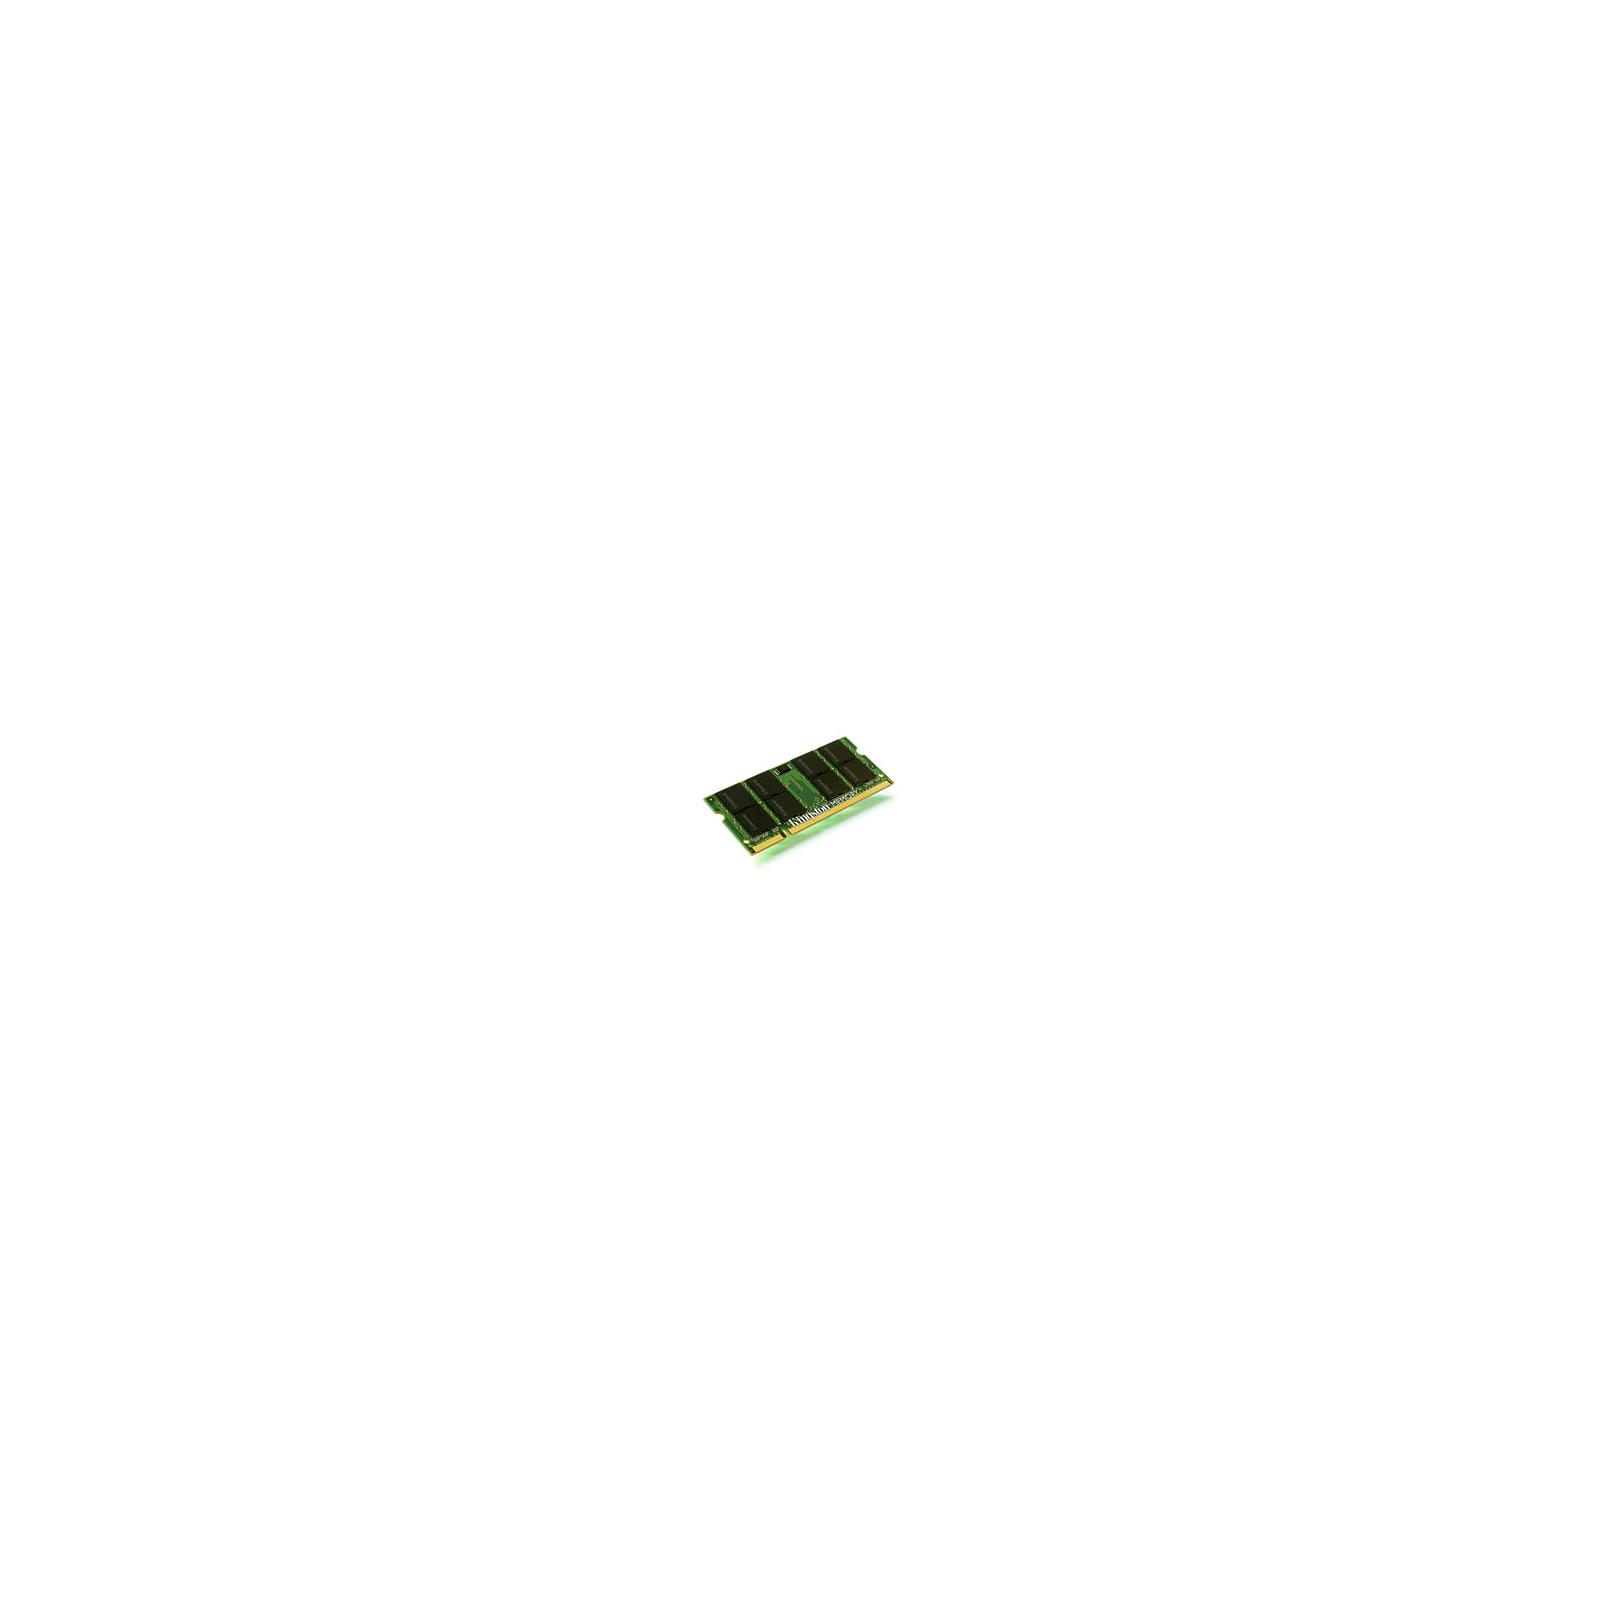 Модуль памяти для ноутбука SoDIMM DDR2 2GB 667 MHz Kingston (KVR667D2S5/2G)